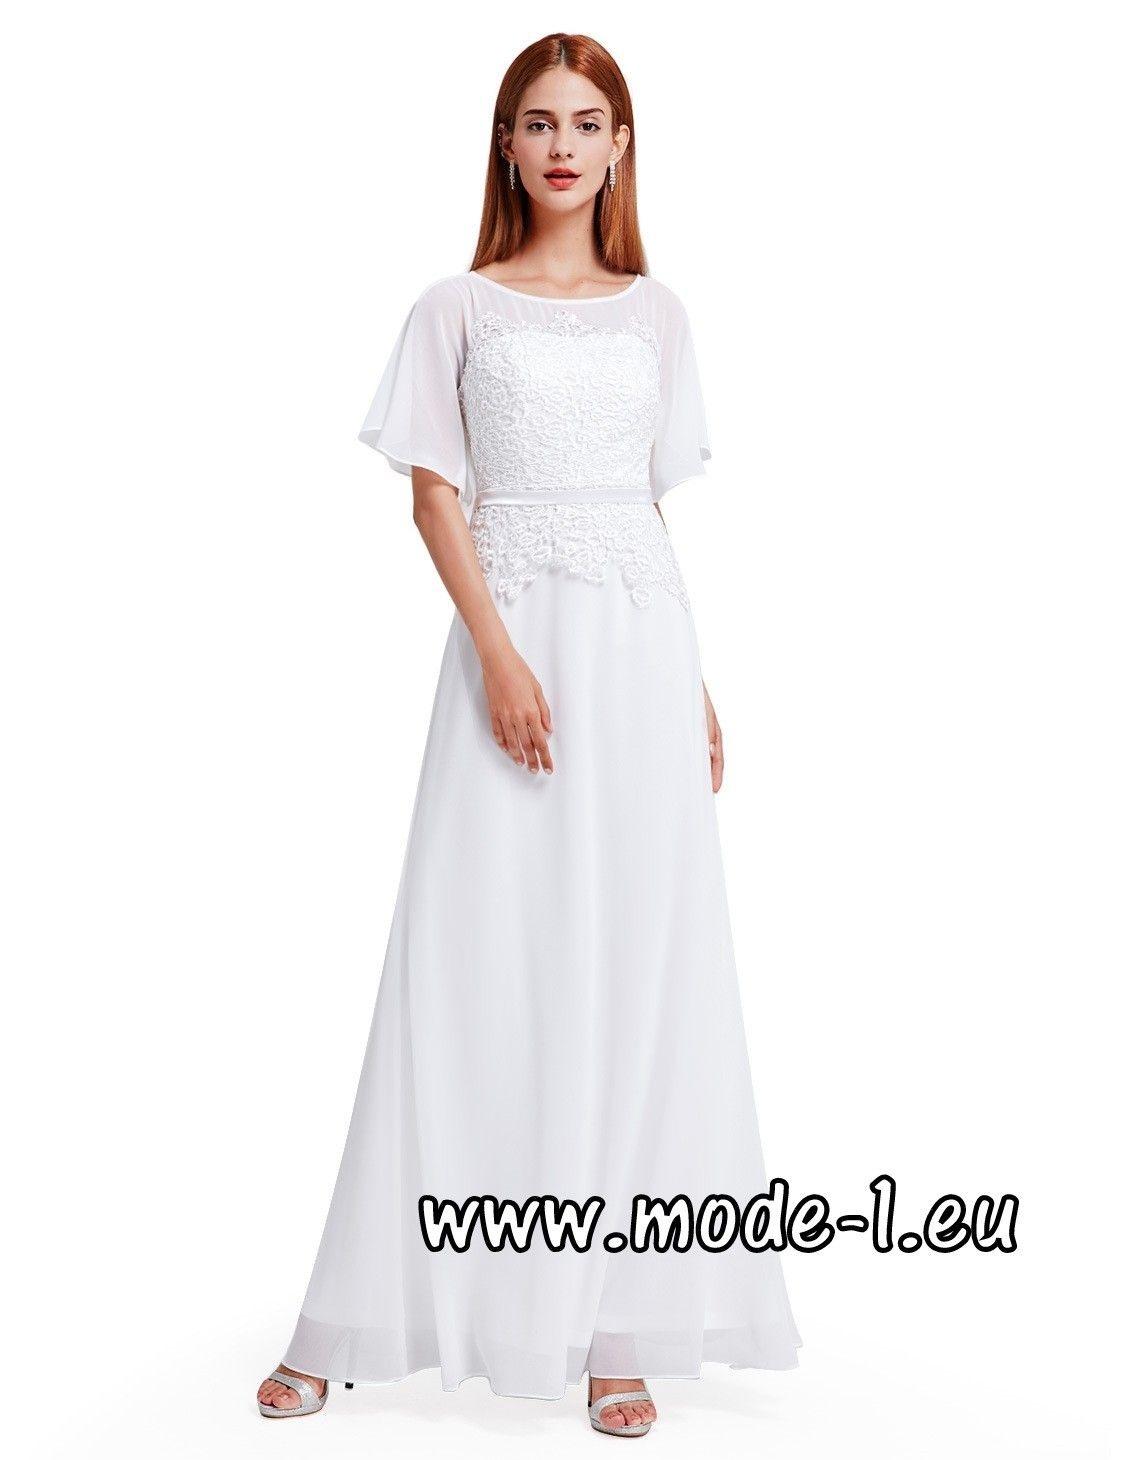 Genial Weißes Abendkleid Boutique17 Genial Weißes Abendkleid für 2019